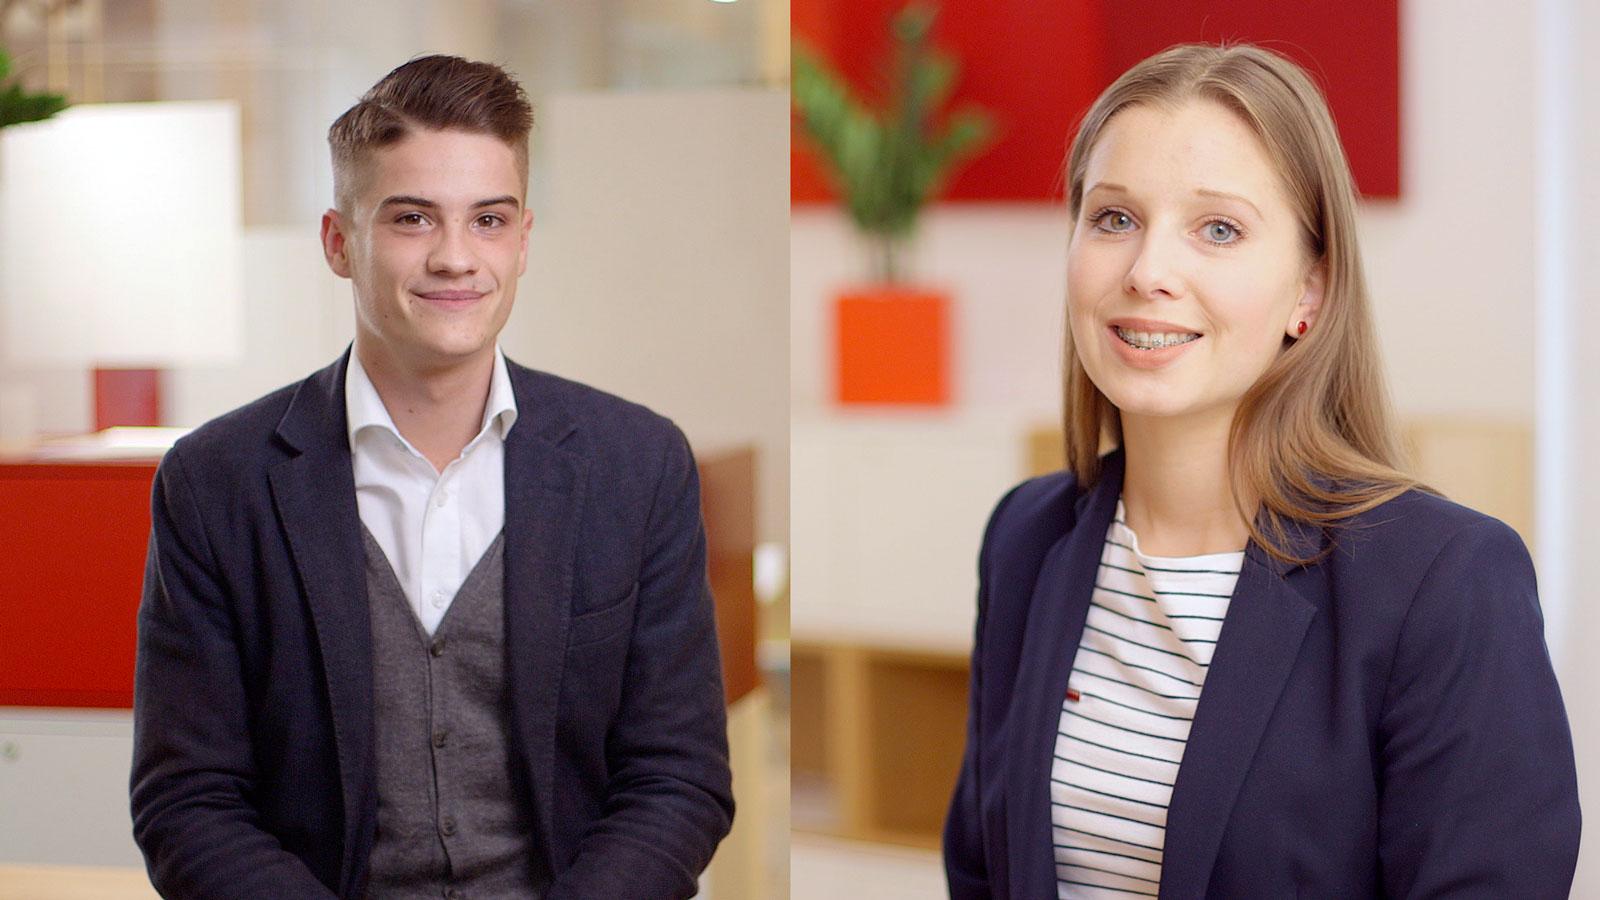 Selbstbestimmt arbeiten bei fixem Gehalt: Finance Sales Trainees erhalten bei Wüstenrot ideale Voraussetzungen für den Karrierestart.